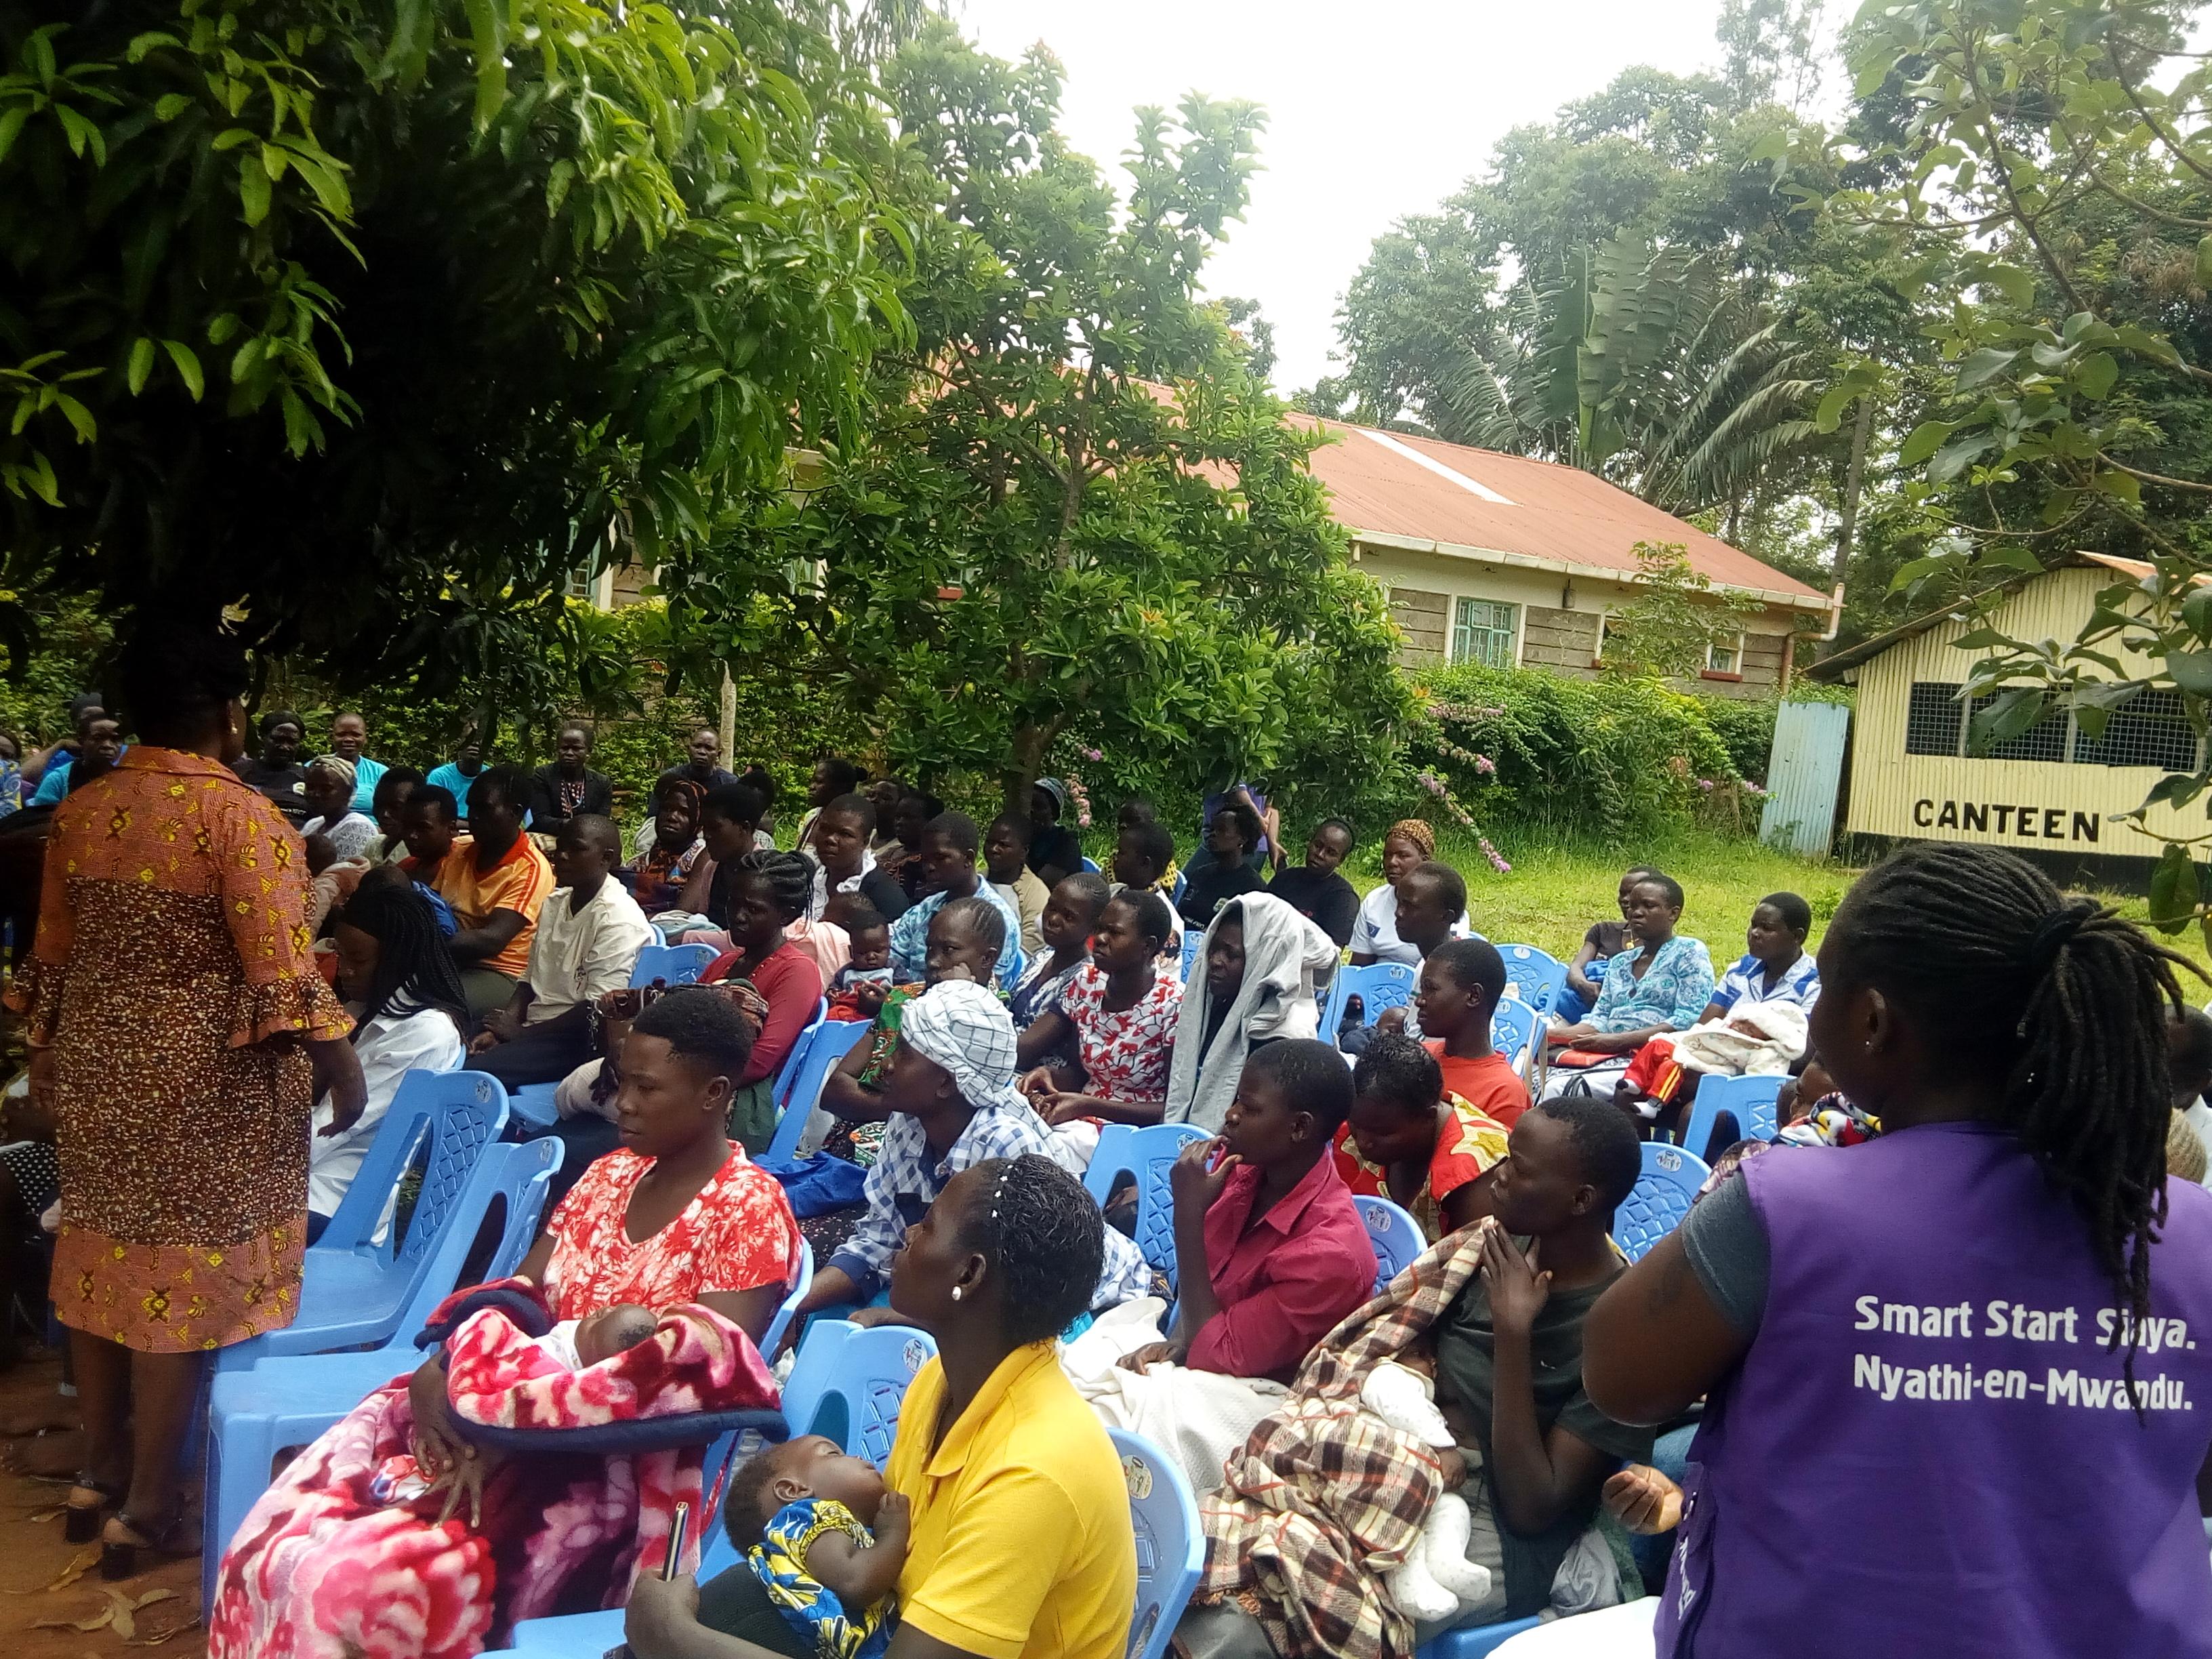 Ukwala Residents Sensitized on Nurturing Care for ECD. #NyathienMwandu